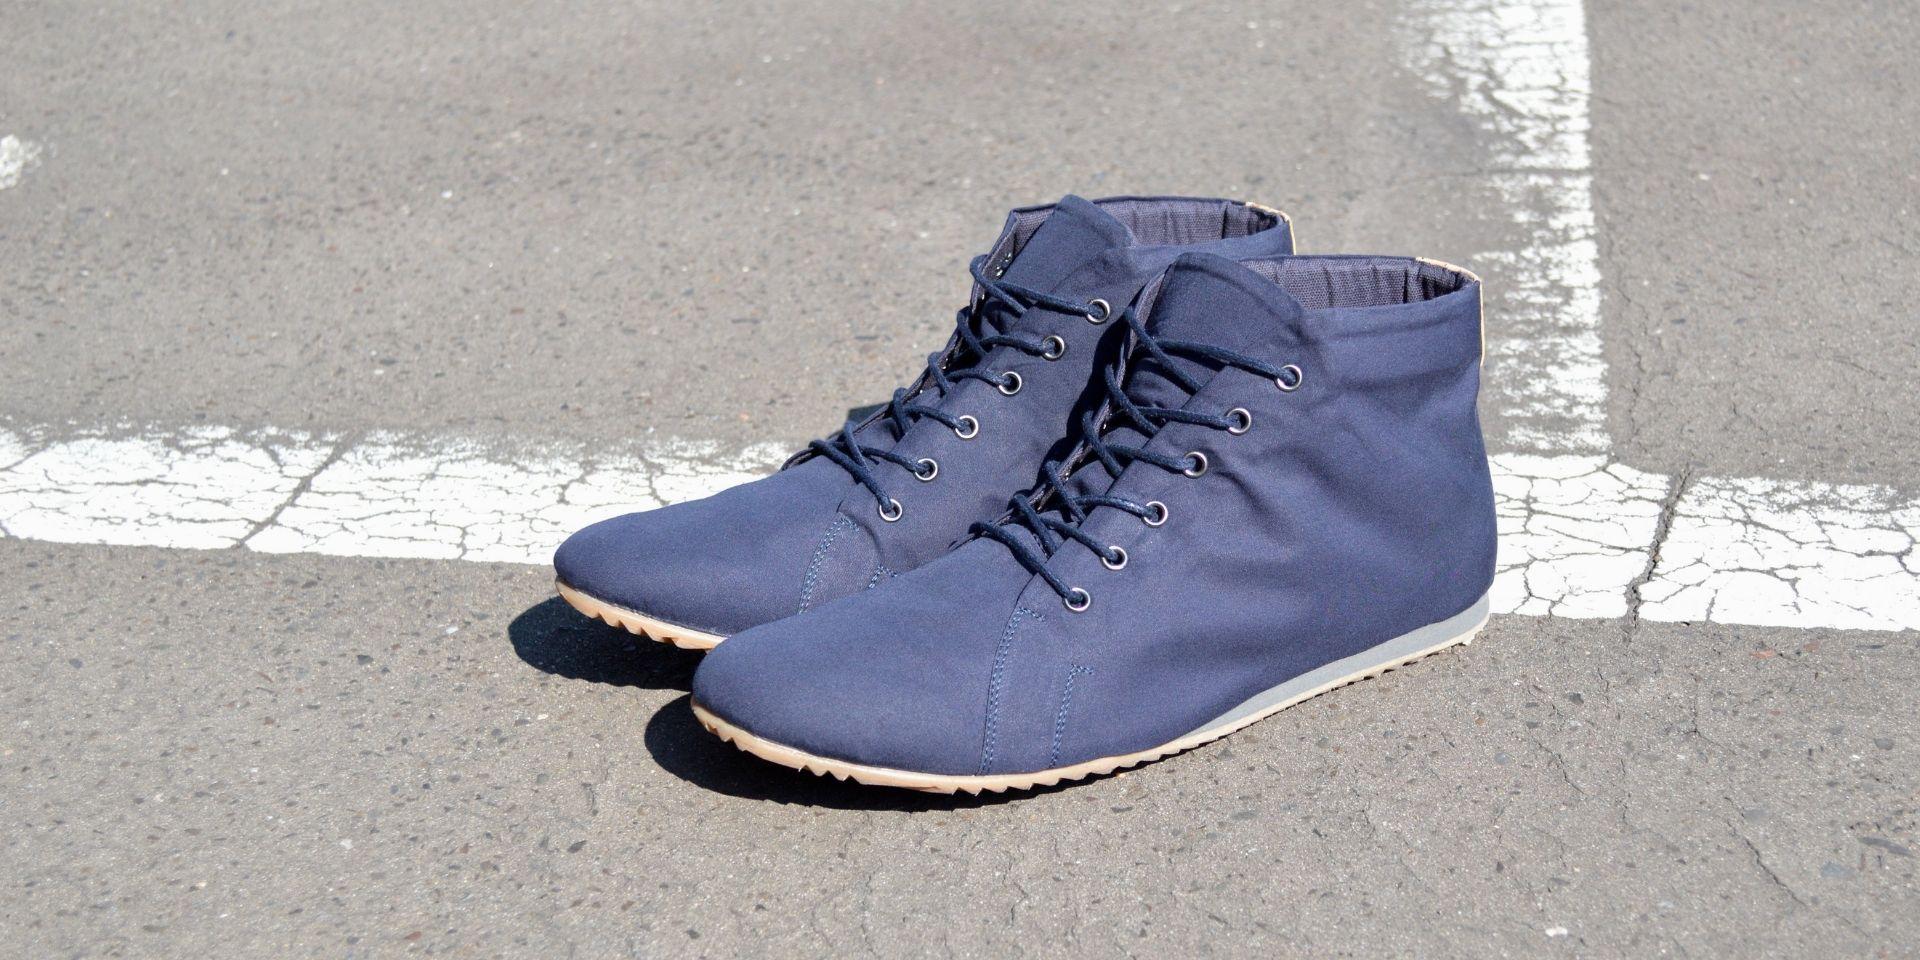 vegane sneaker faire schuhe blau